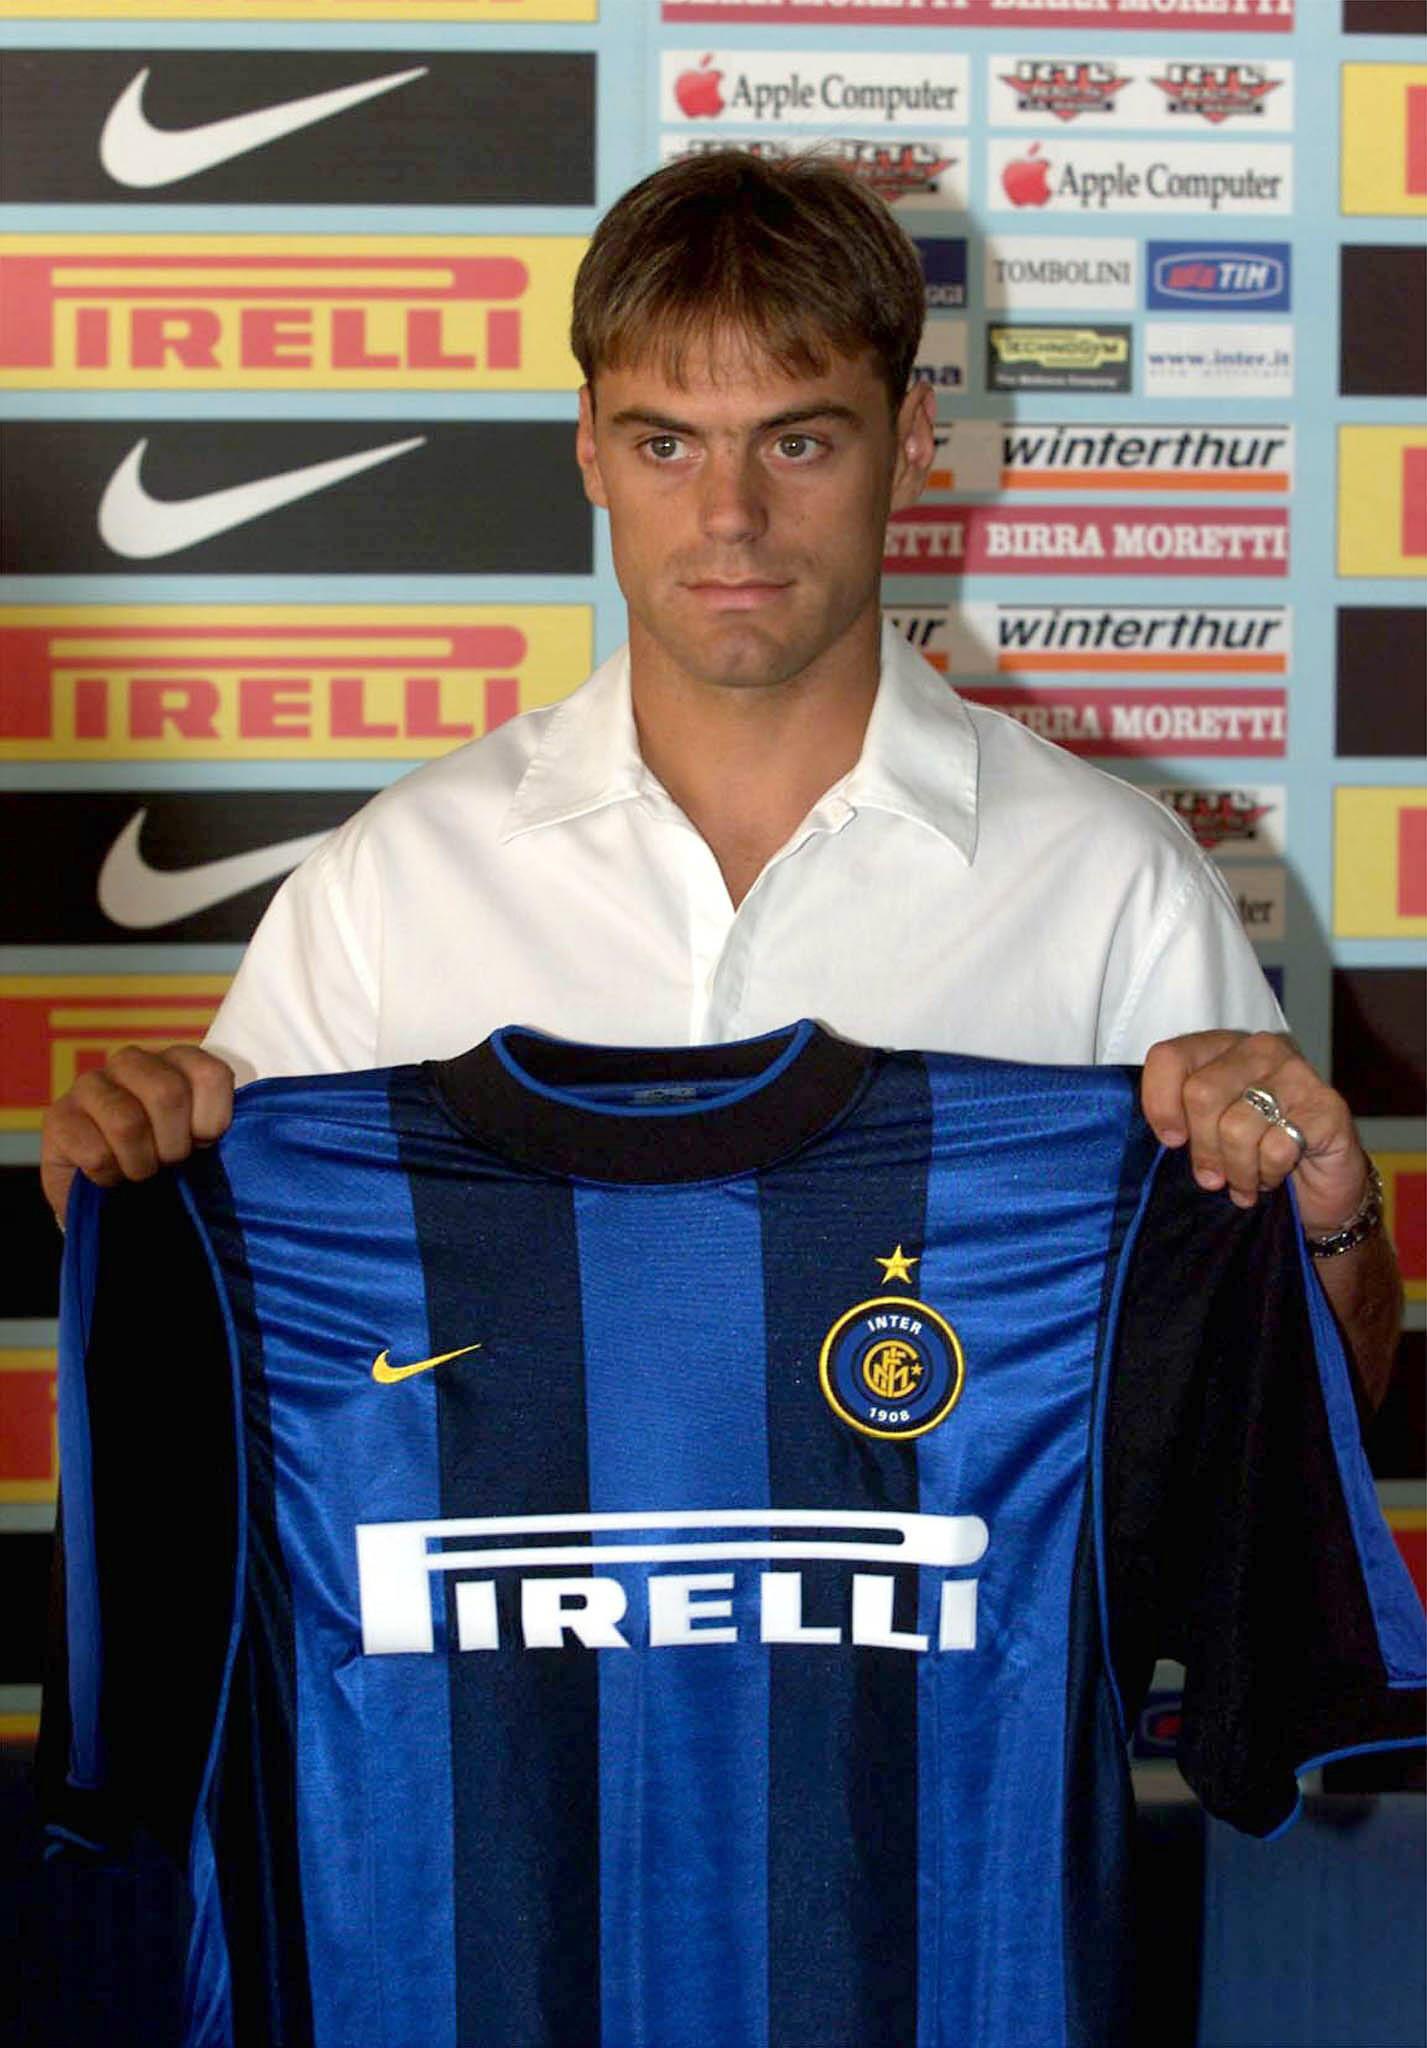 Farinós. el día de su presentación con el Inter en el verano del año 2000 (Archivo 20minutos).